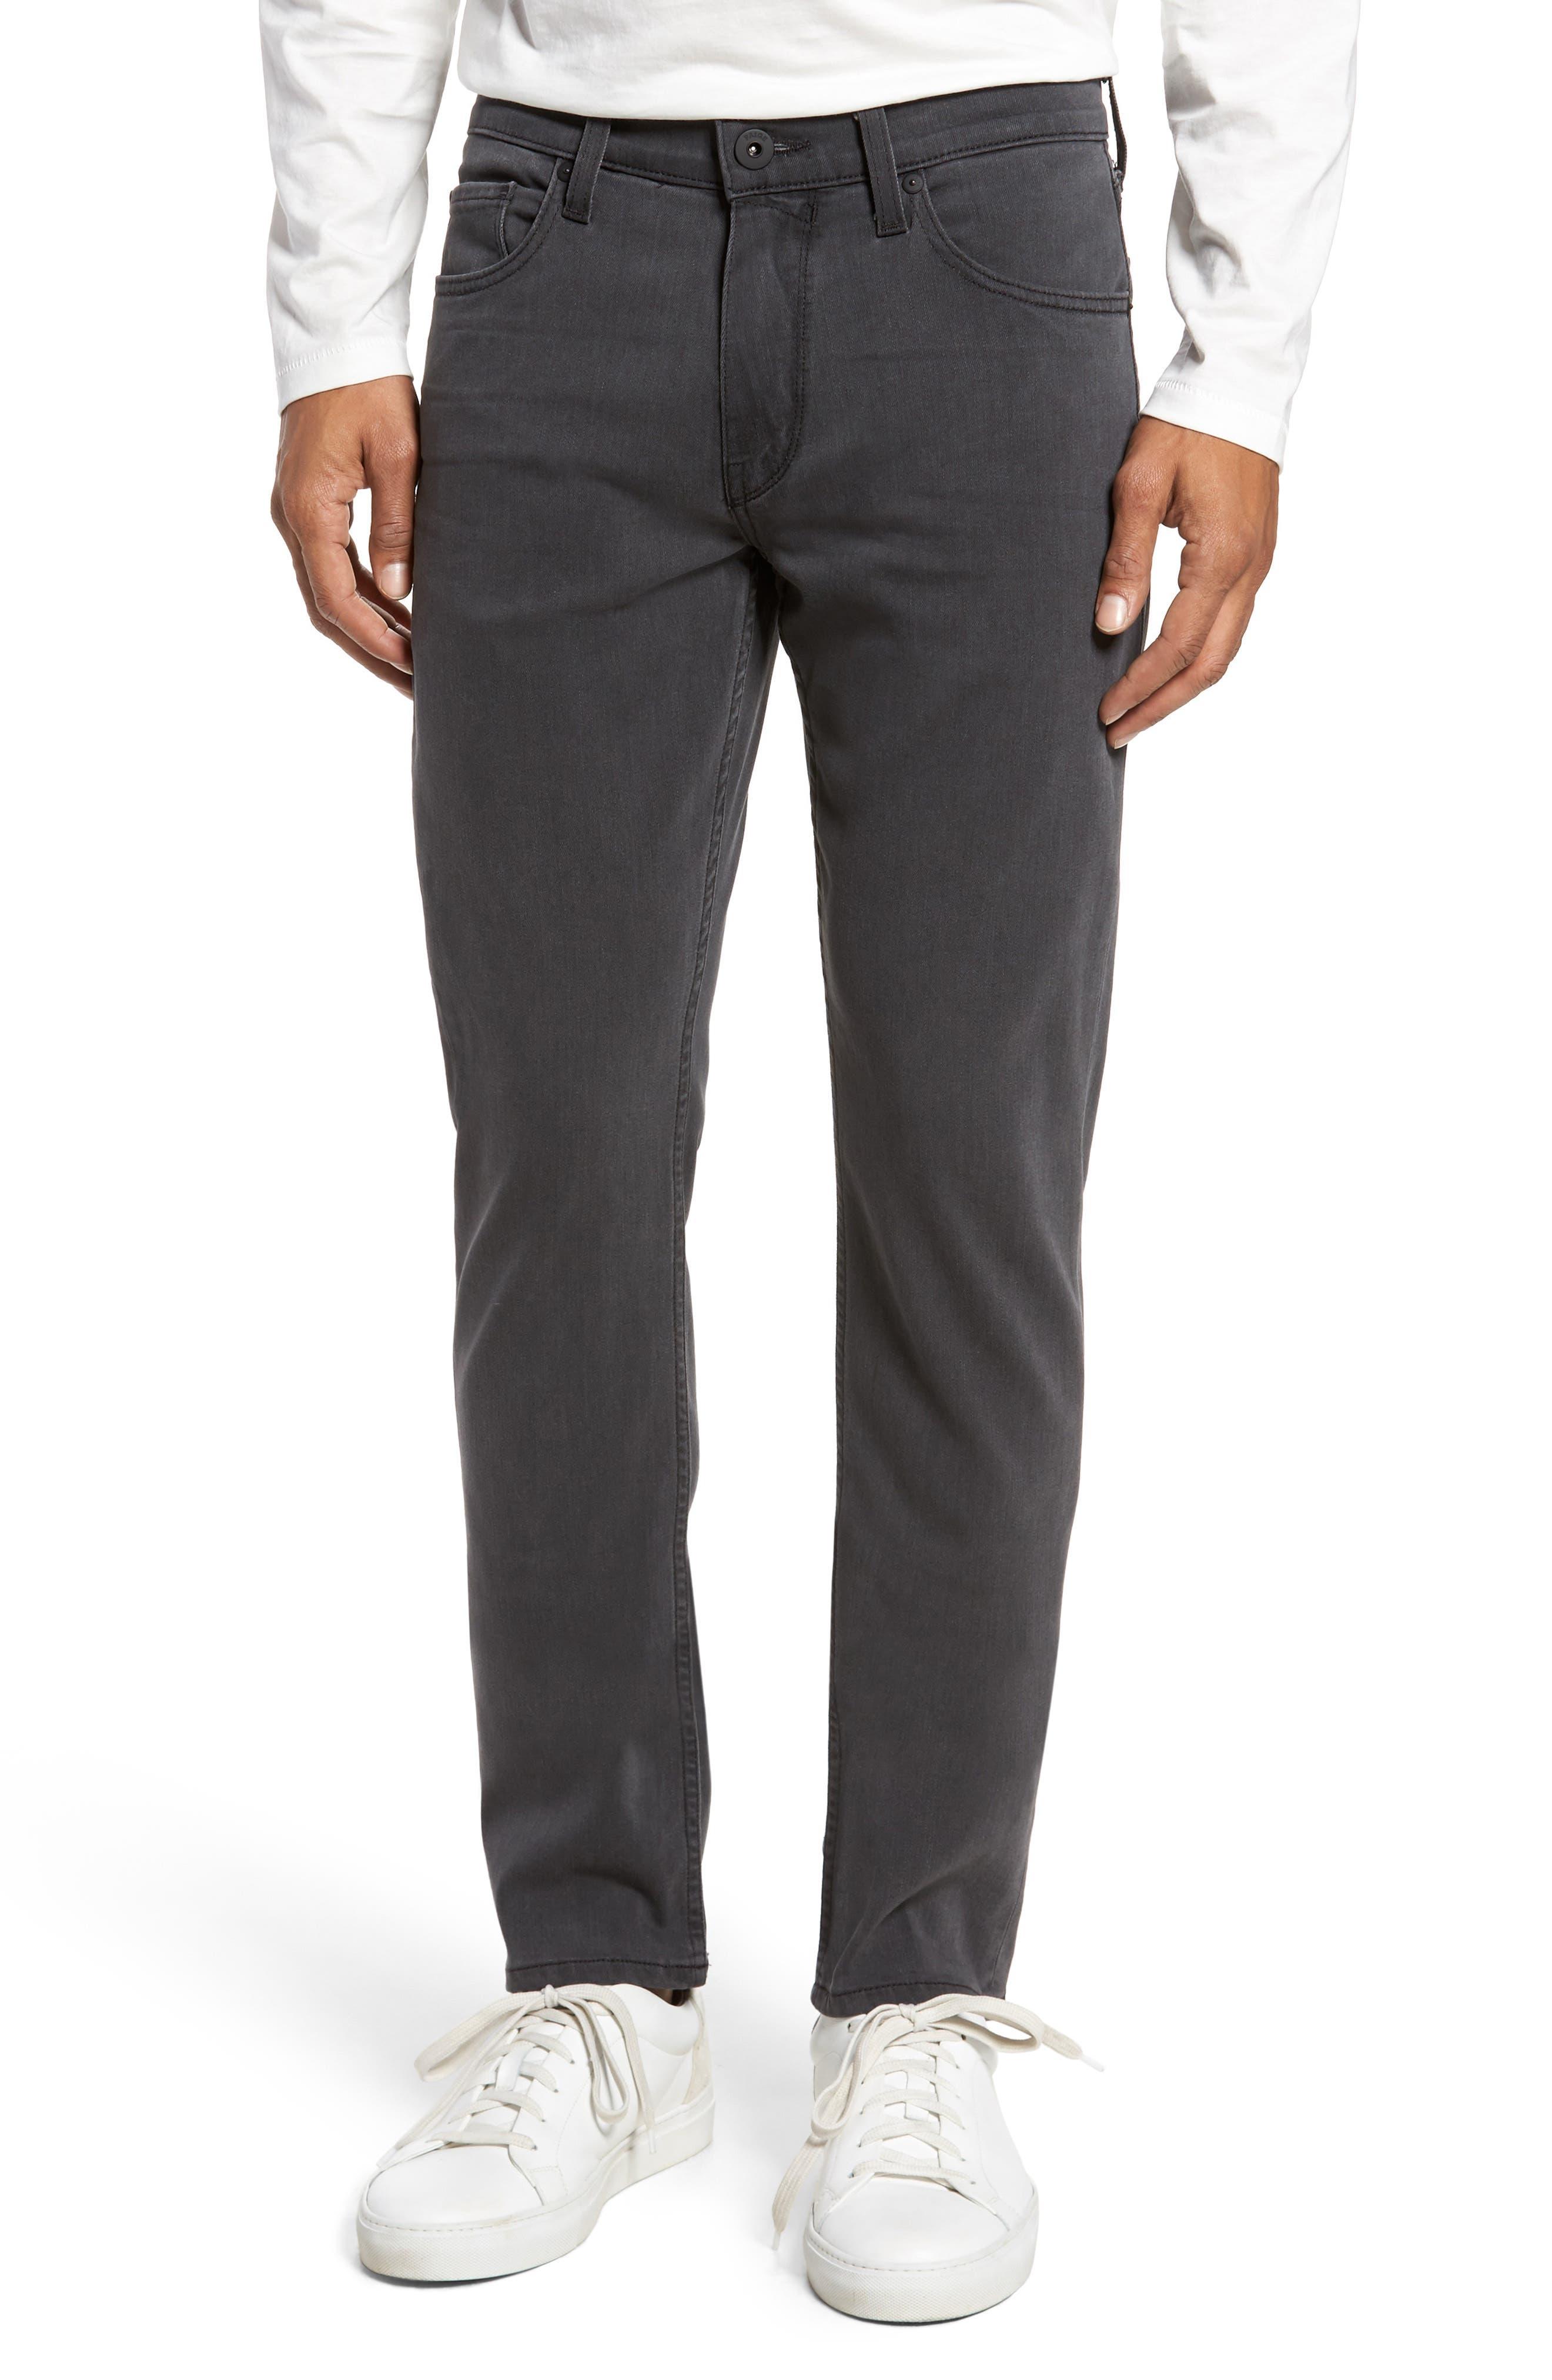 Transcend - Lennox Slim Fit Jeans,                             Main thumbnail 1, color,                             020